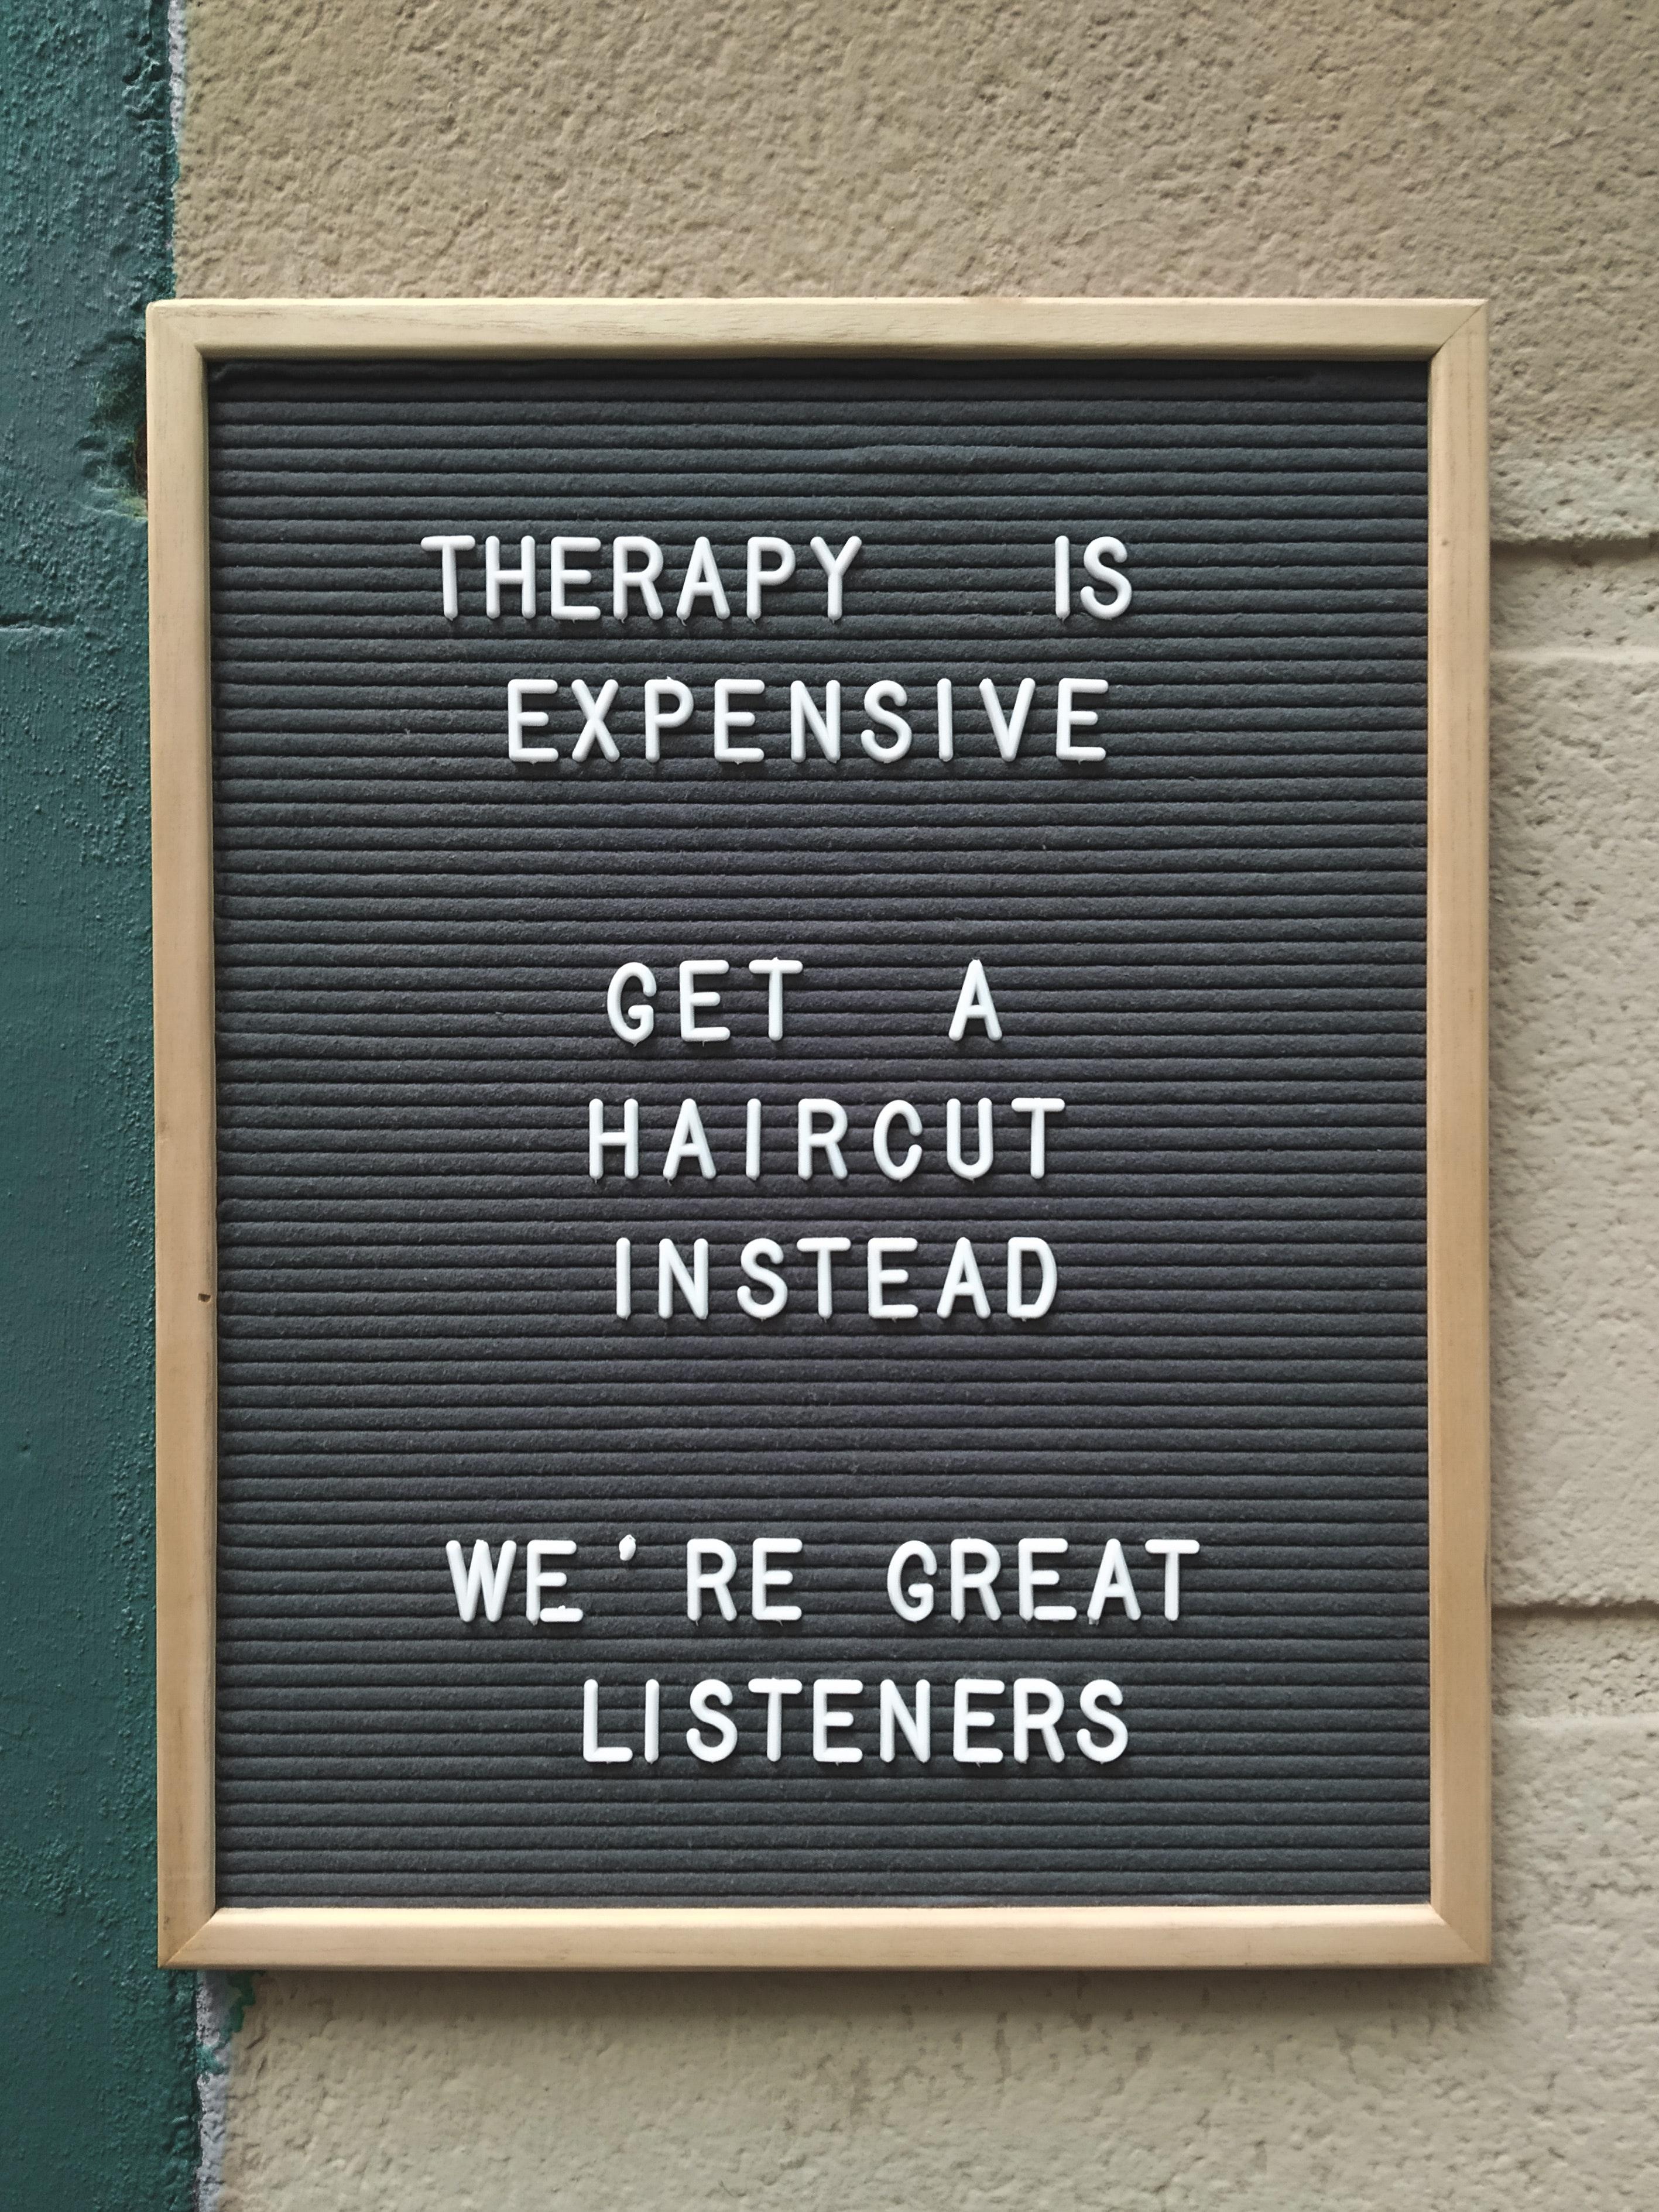 beauty-salon-billboard-business-2528695.jpg